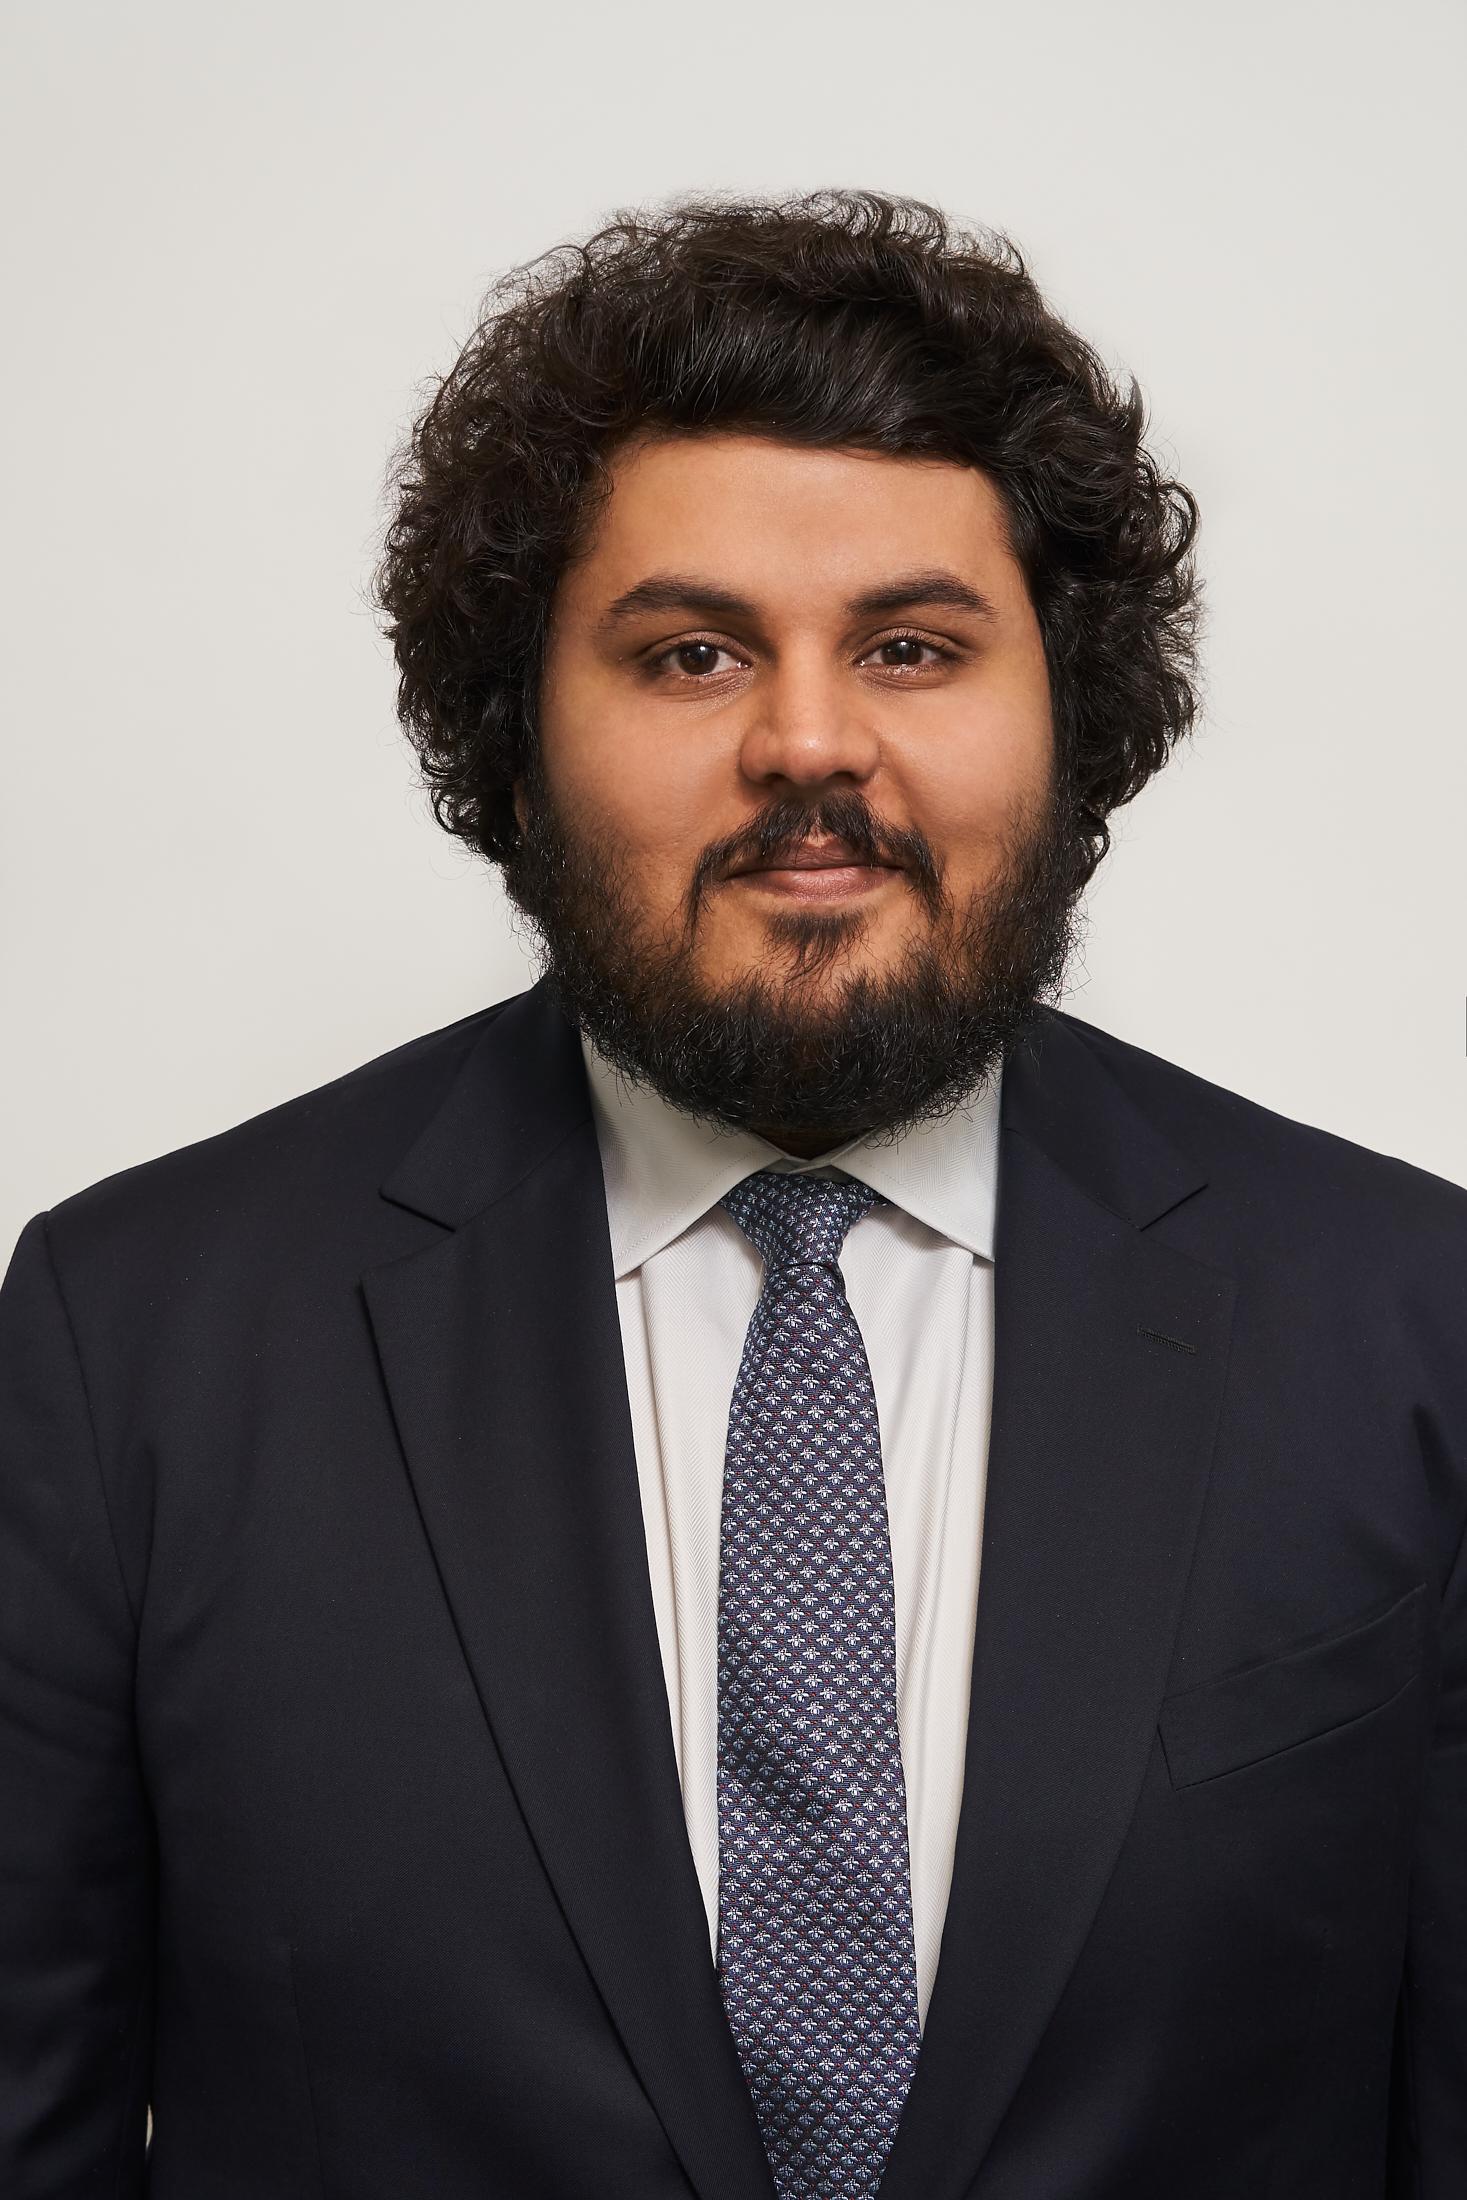 Abdulla Tariq